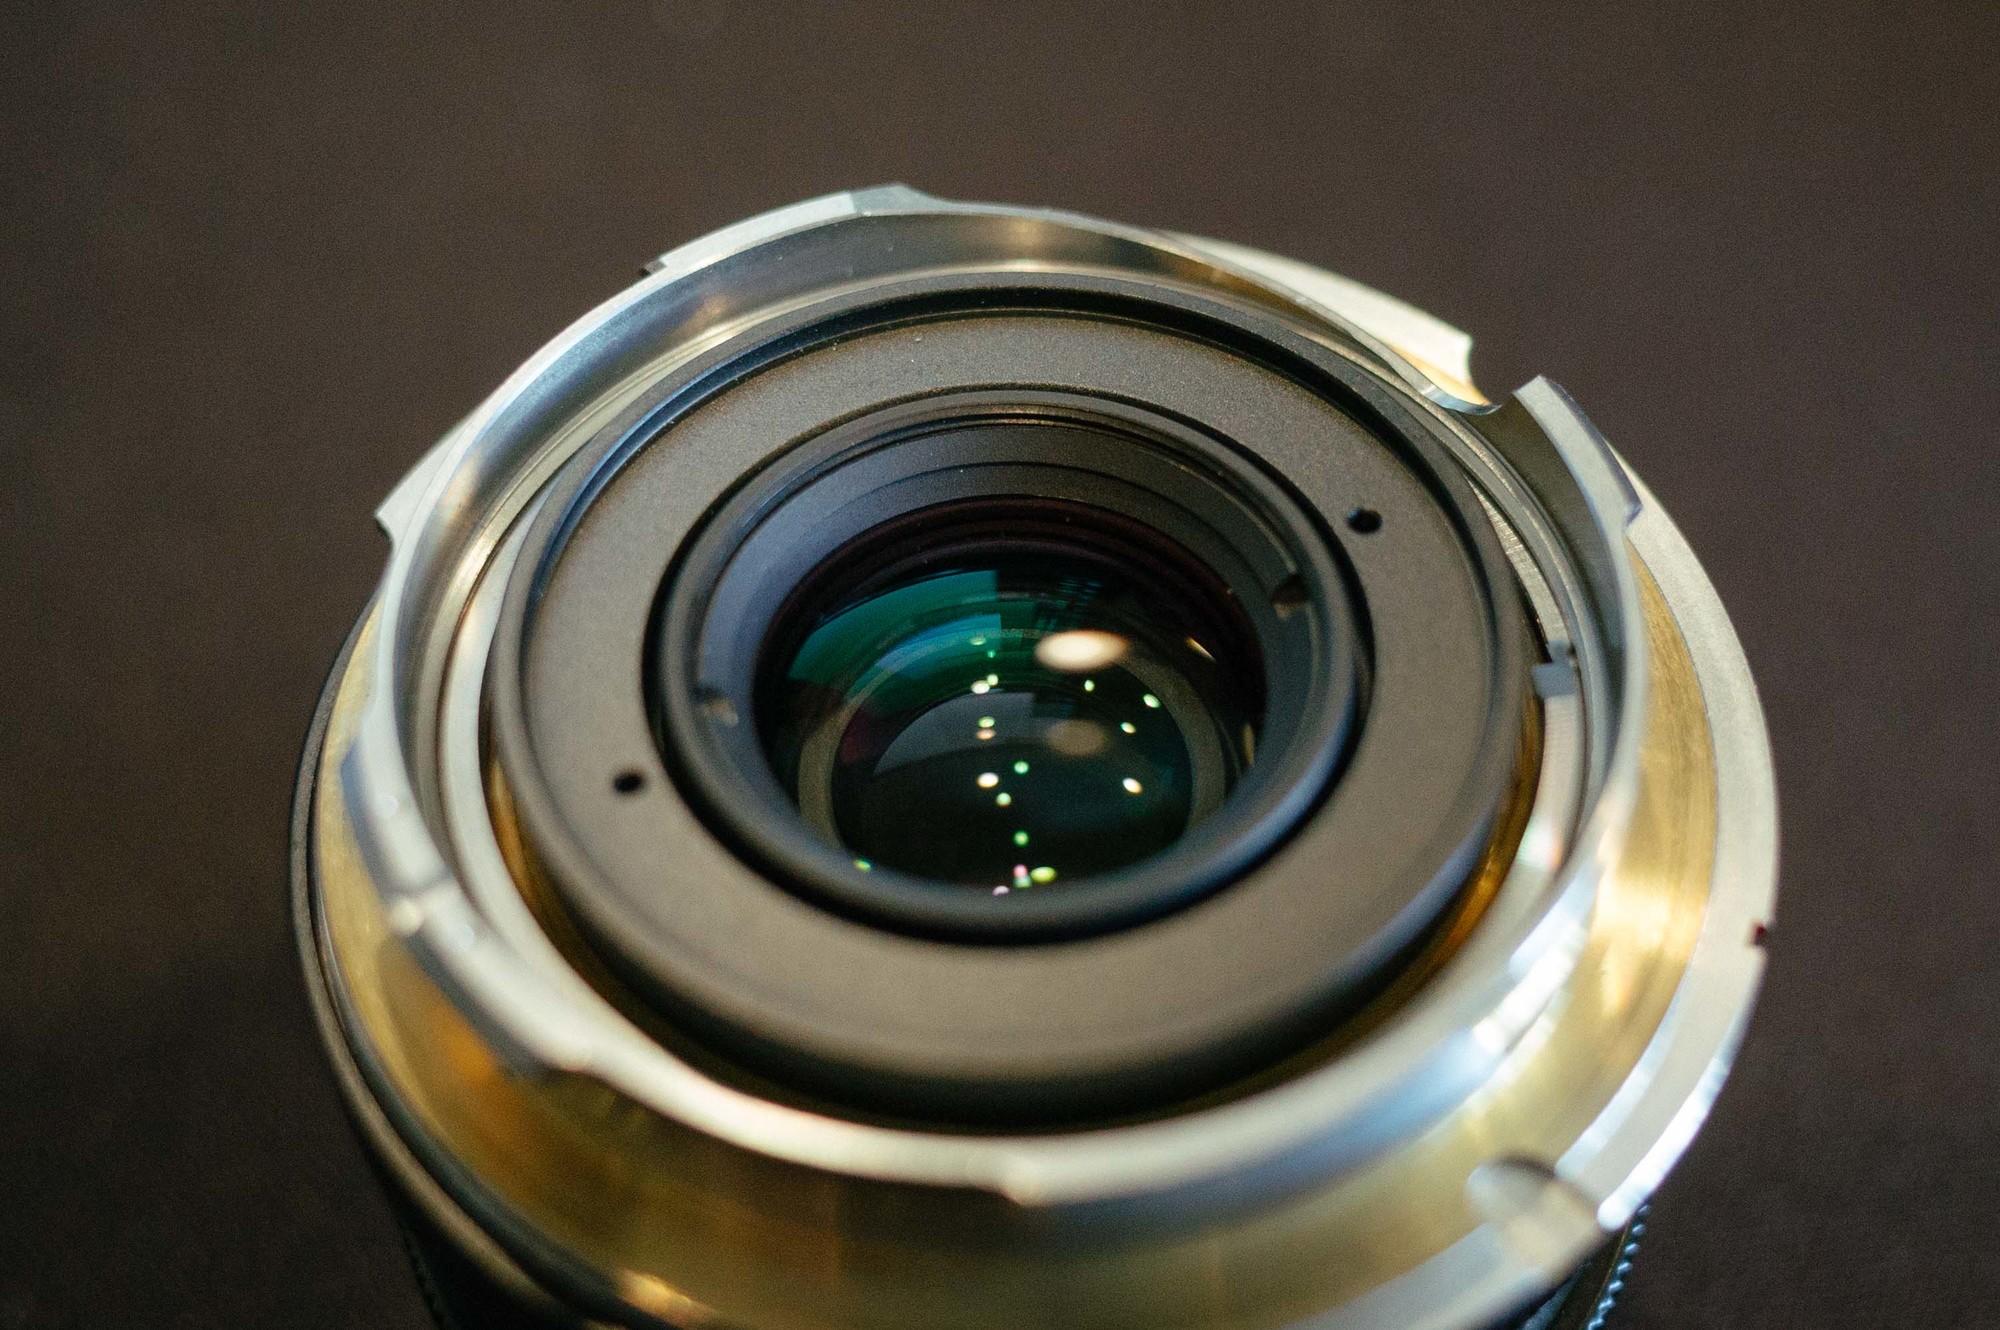 Usps Candidate Login >> Sold: Voigtlander 50mm f/2.5 Color-Skopar (LTM w/ M adapter) - FM Forums